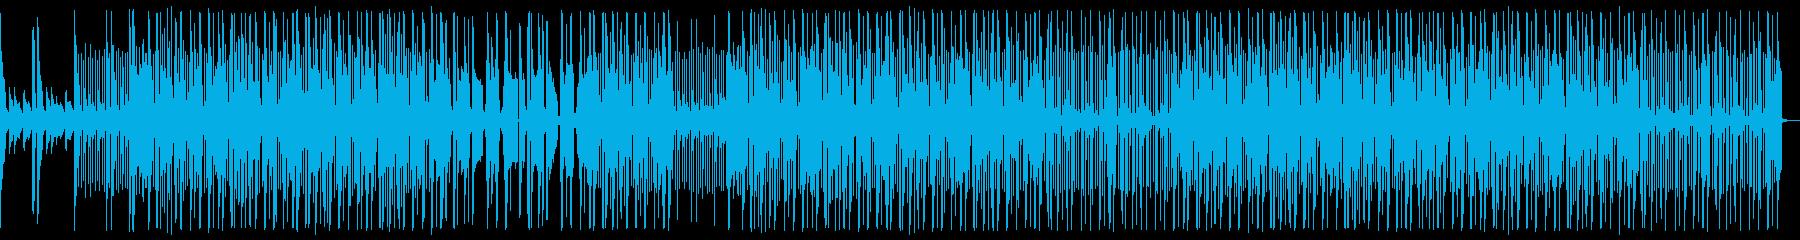 ダーク、ピアノ、ヒップホップ、トラップの再生済みの波形